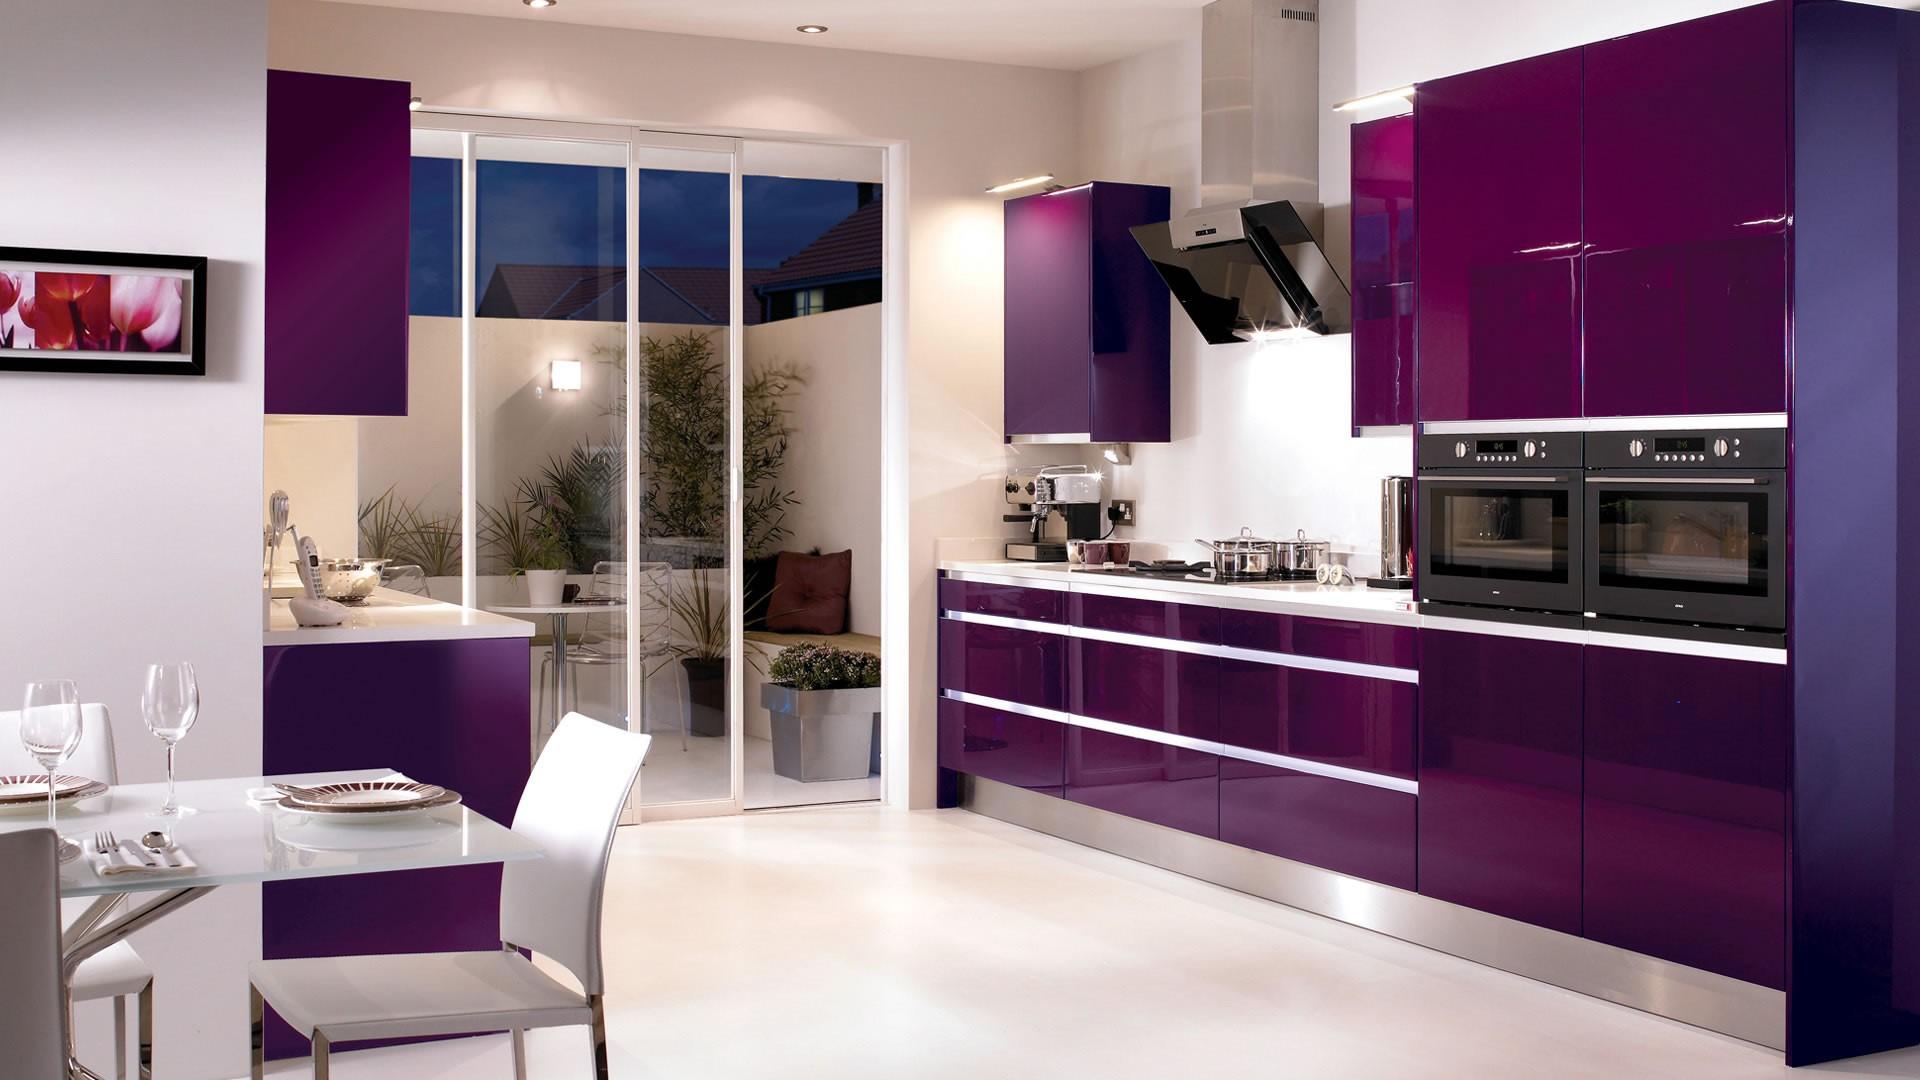 Сочетание цветов с фиолетовым в интерьере кухни фото